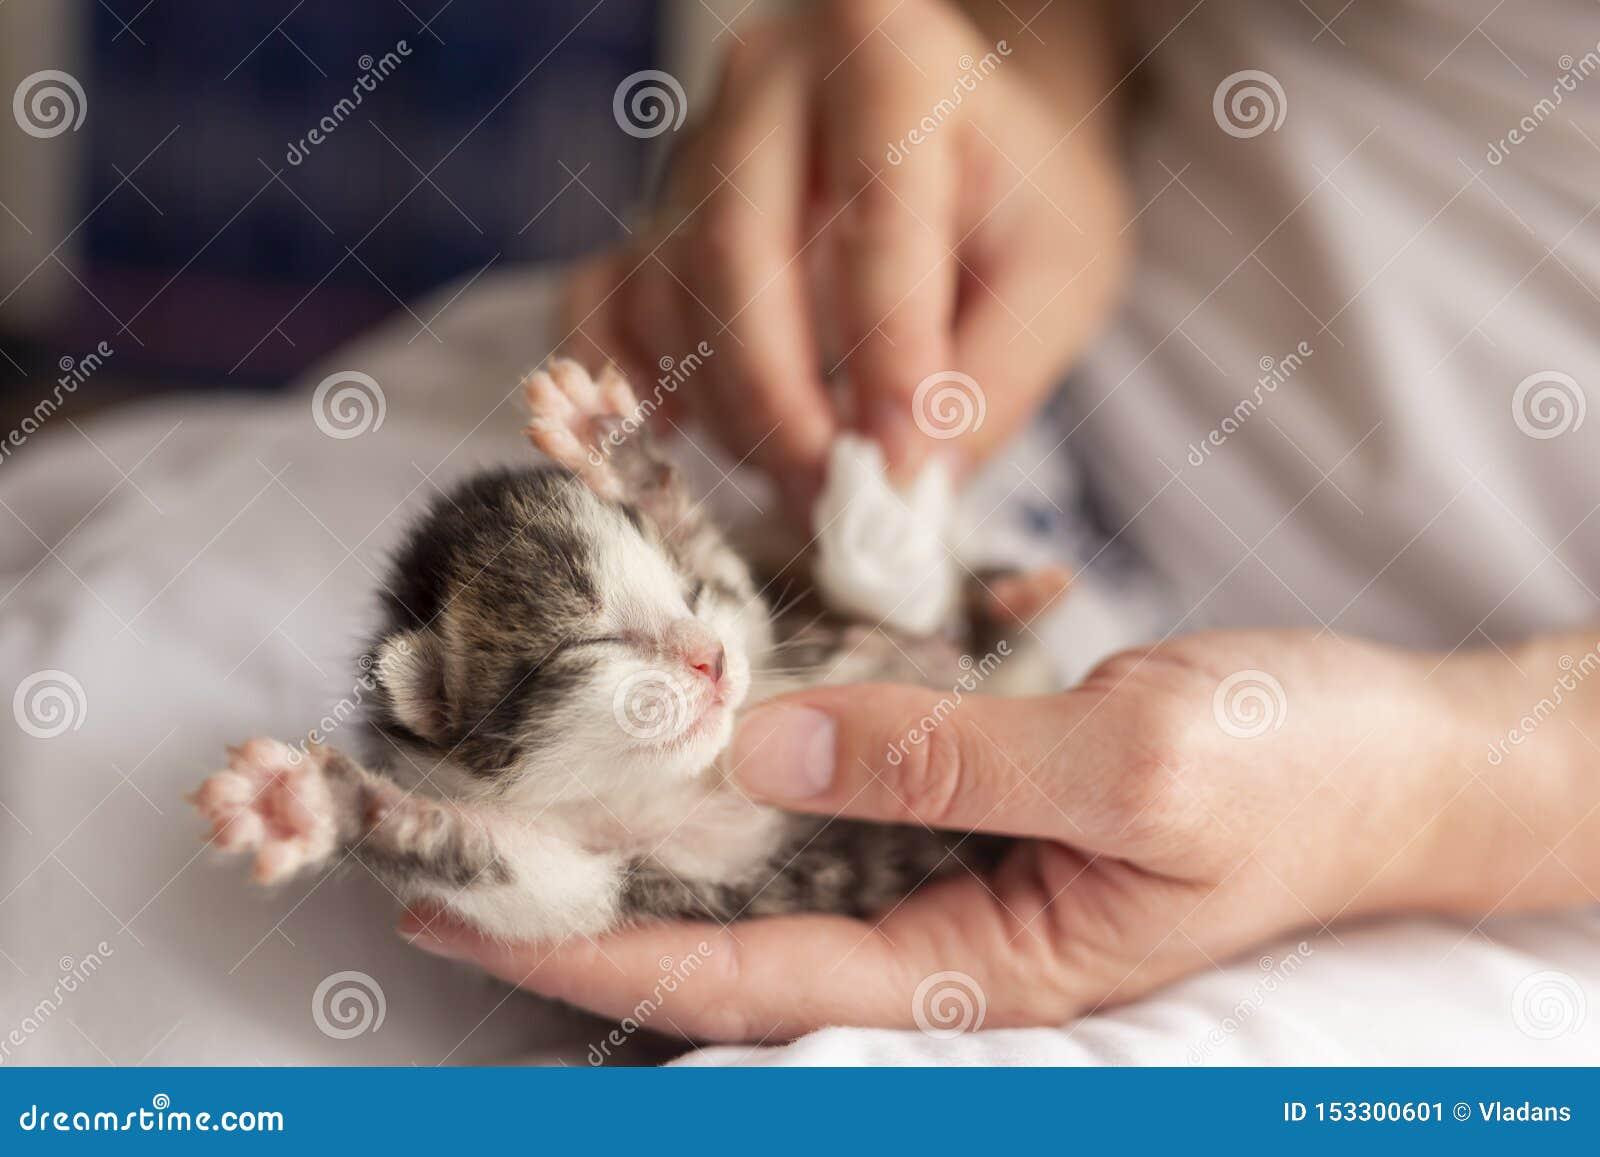 Defecaciones estimulantes del gatito de la mujer